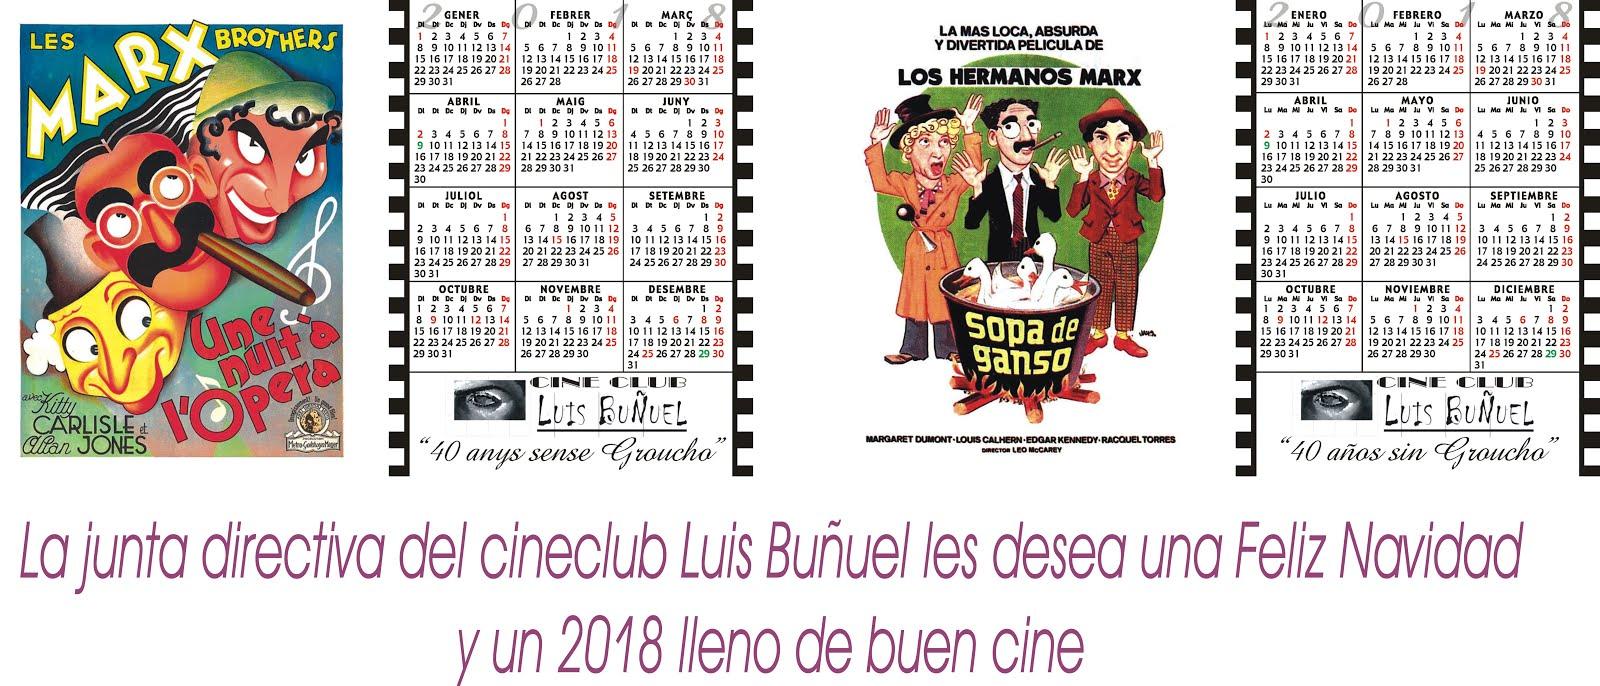 Calendarios Cine Club Luis Buñuel para el Año 2018